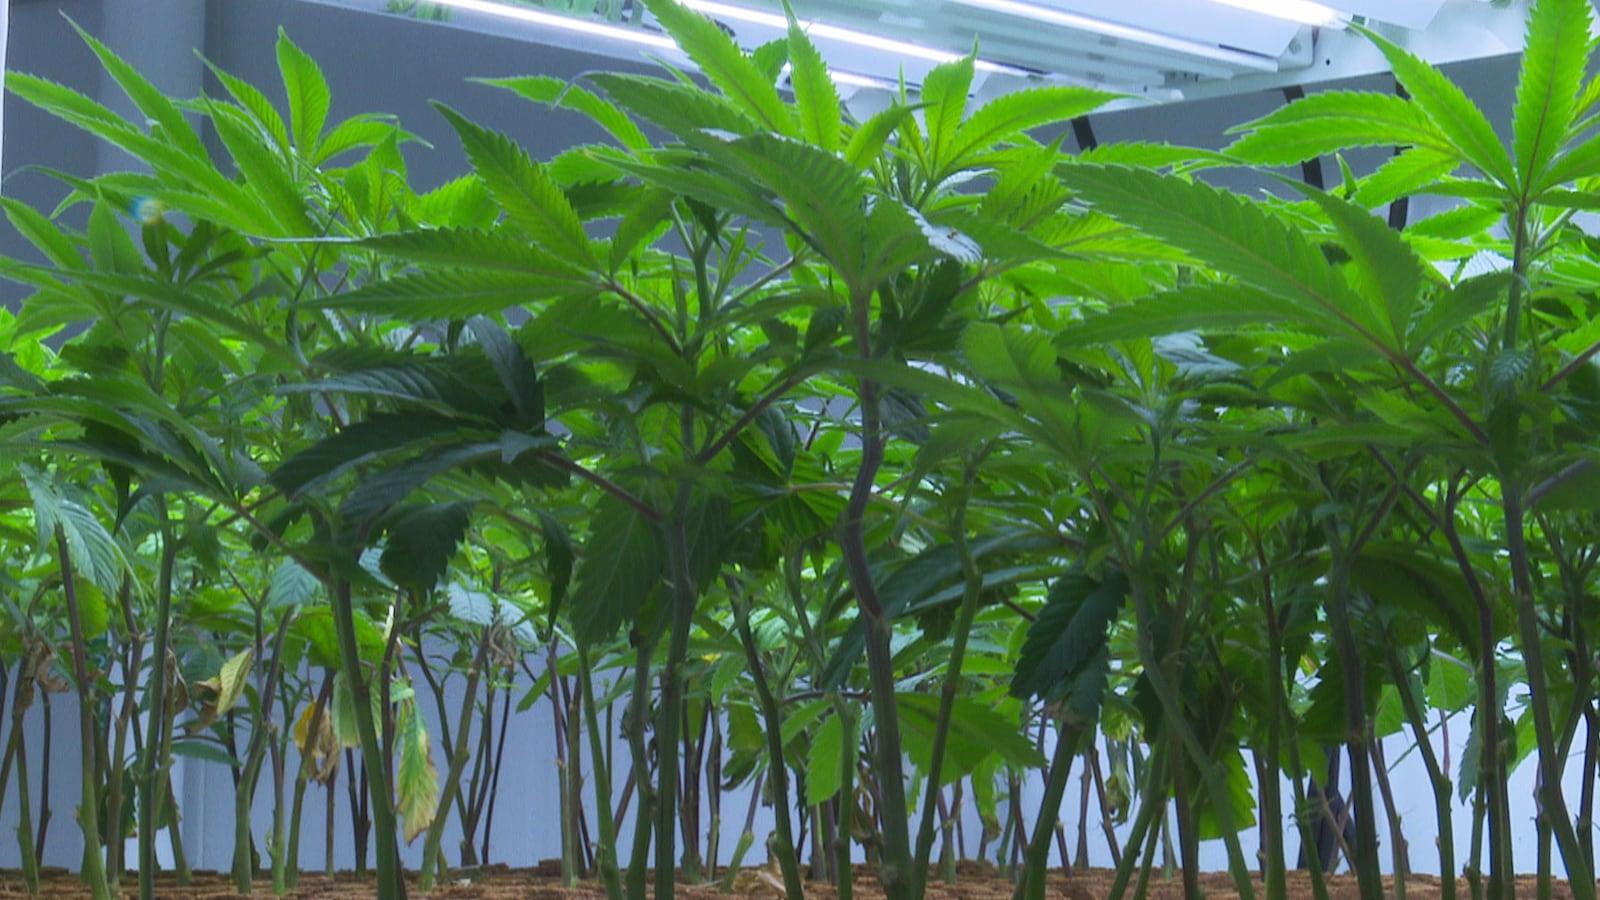 Des plants de cannabis cultivés dans l'usine